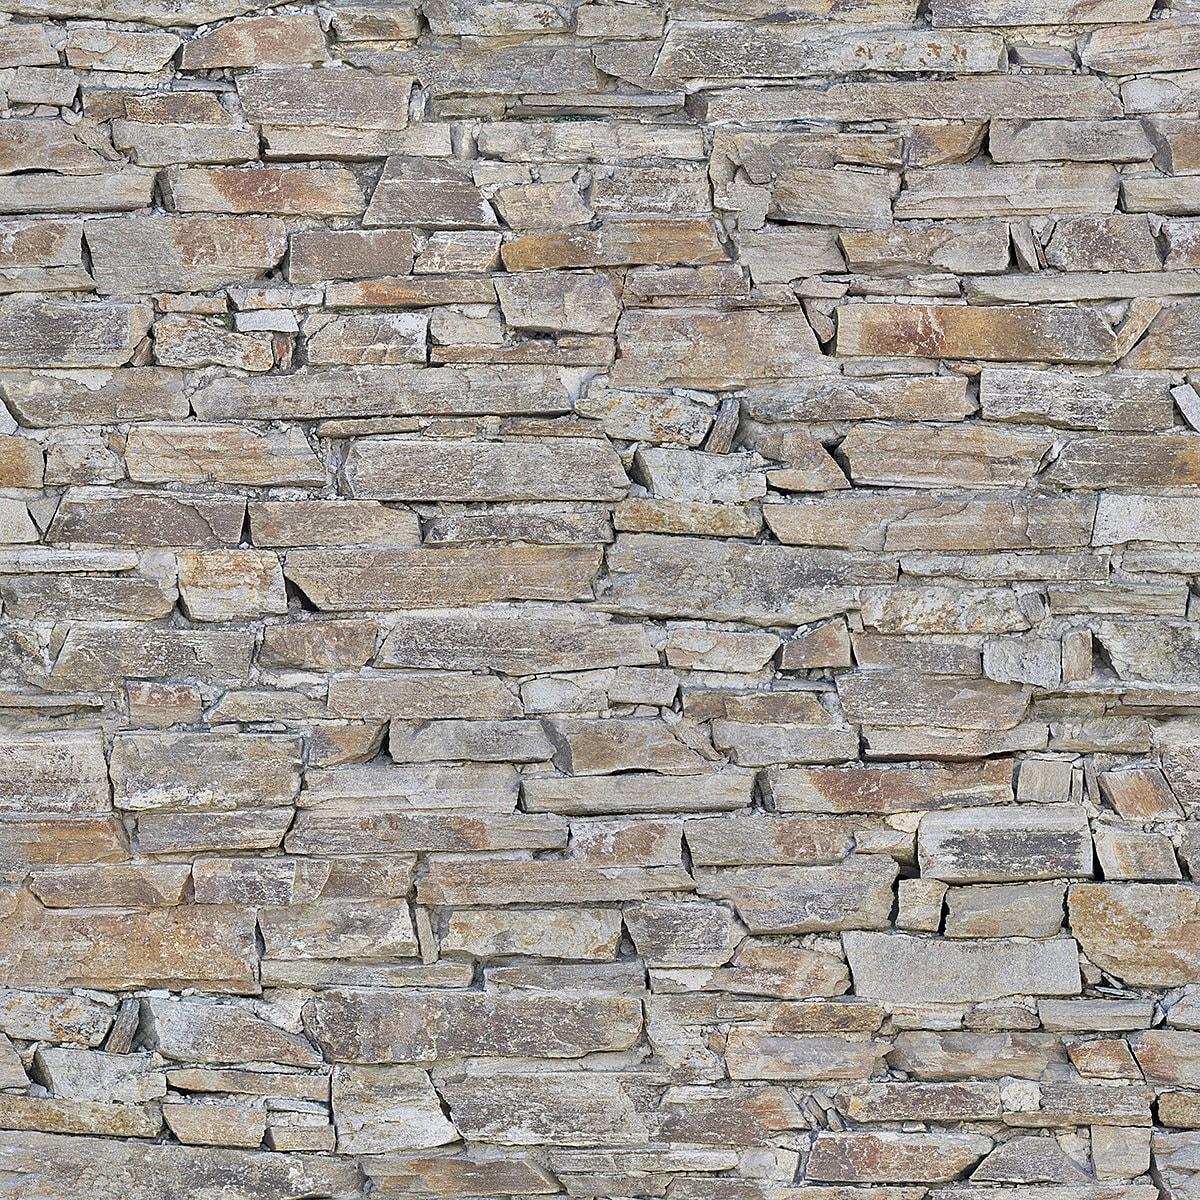 建築の石のテクスチャのレンガの壁 石の質感 石 レンガ画像素材の